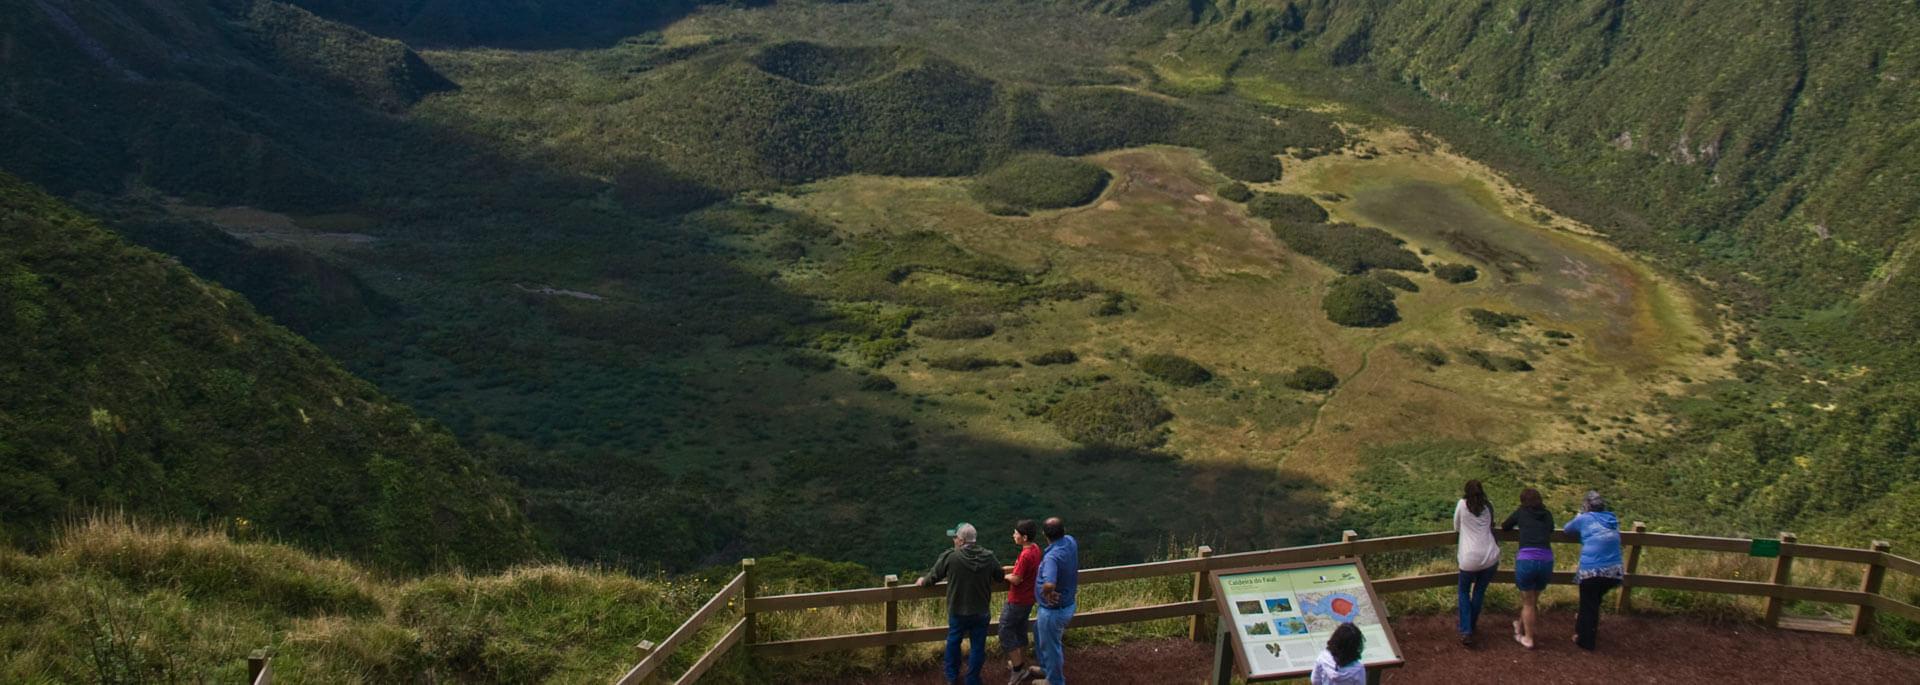 Faials Vulkane: Caldeira und Capelinhos